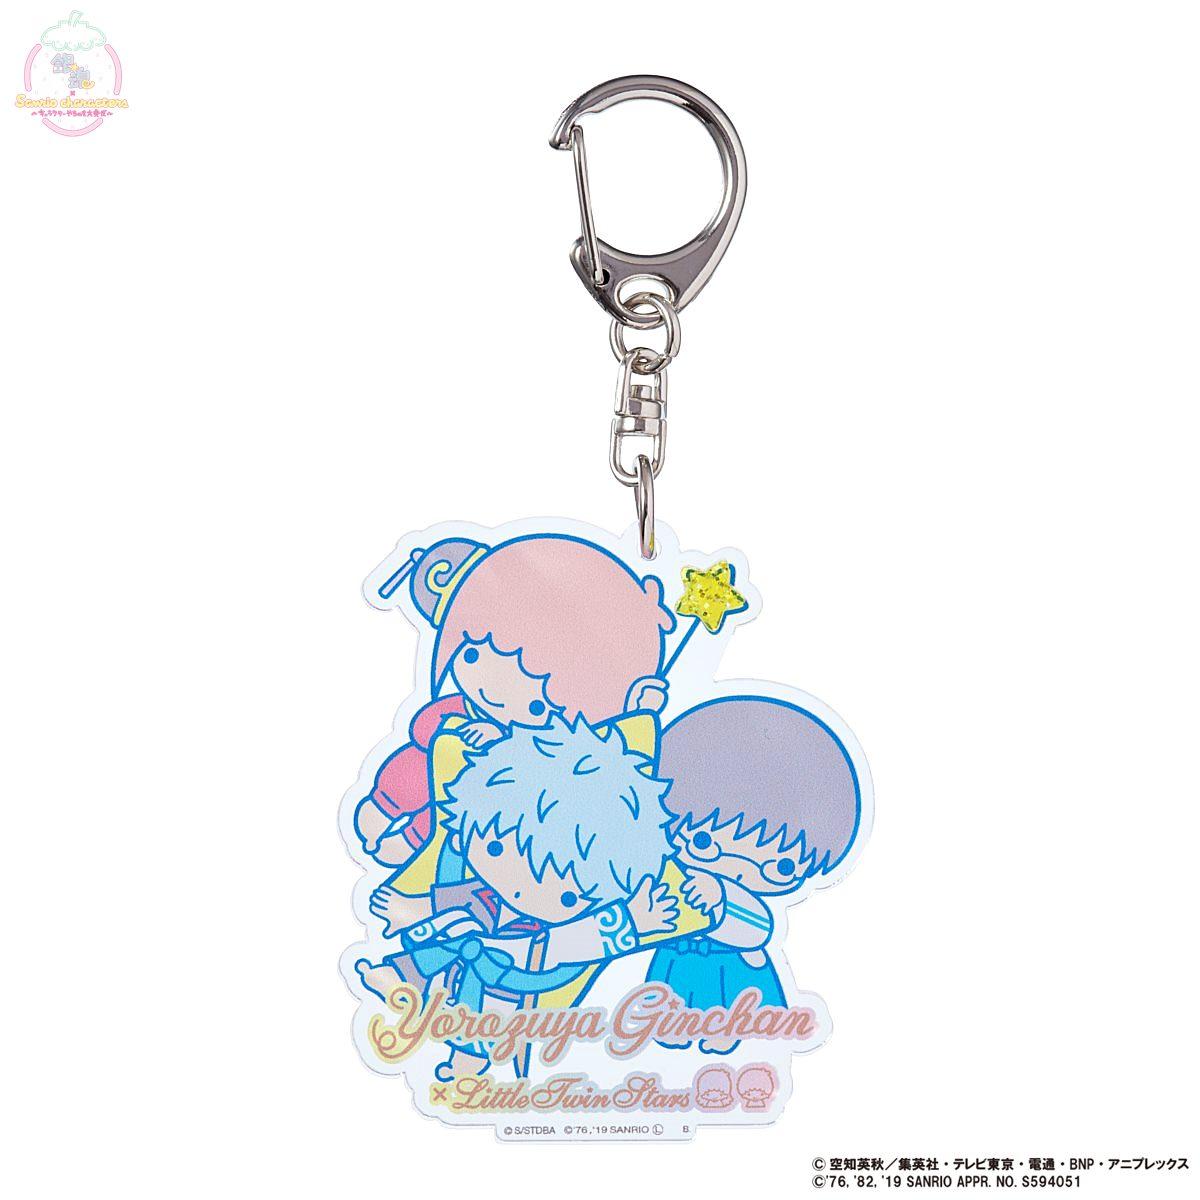 銀魂×Sanrio characters アクリルキーホルダー